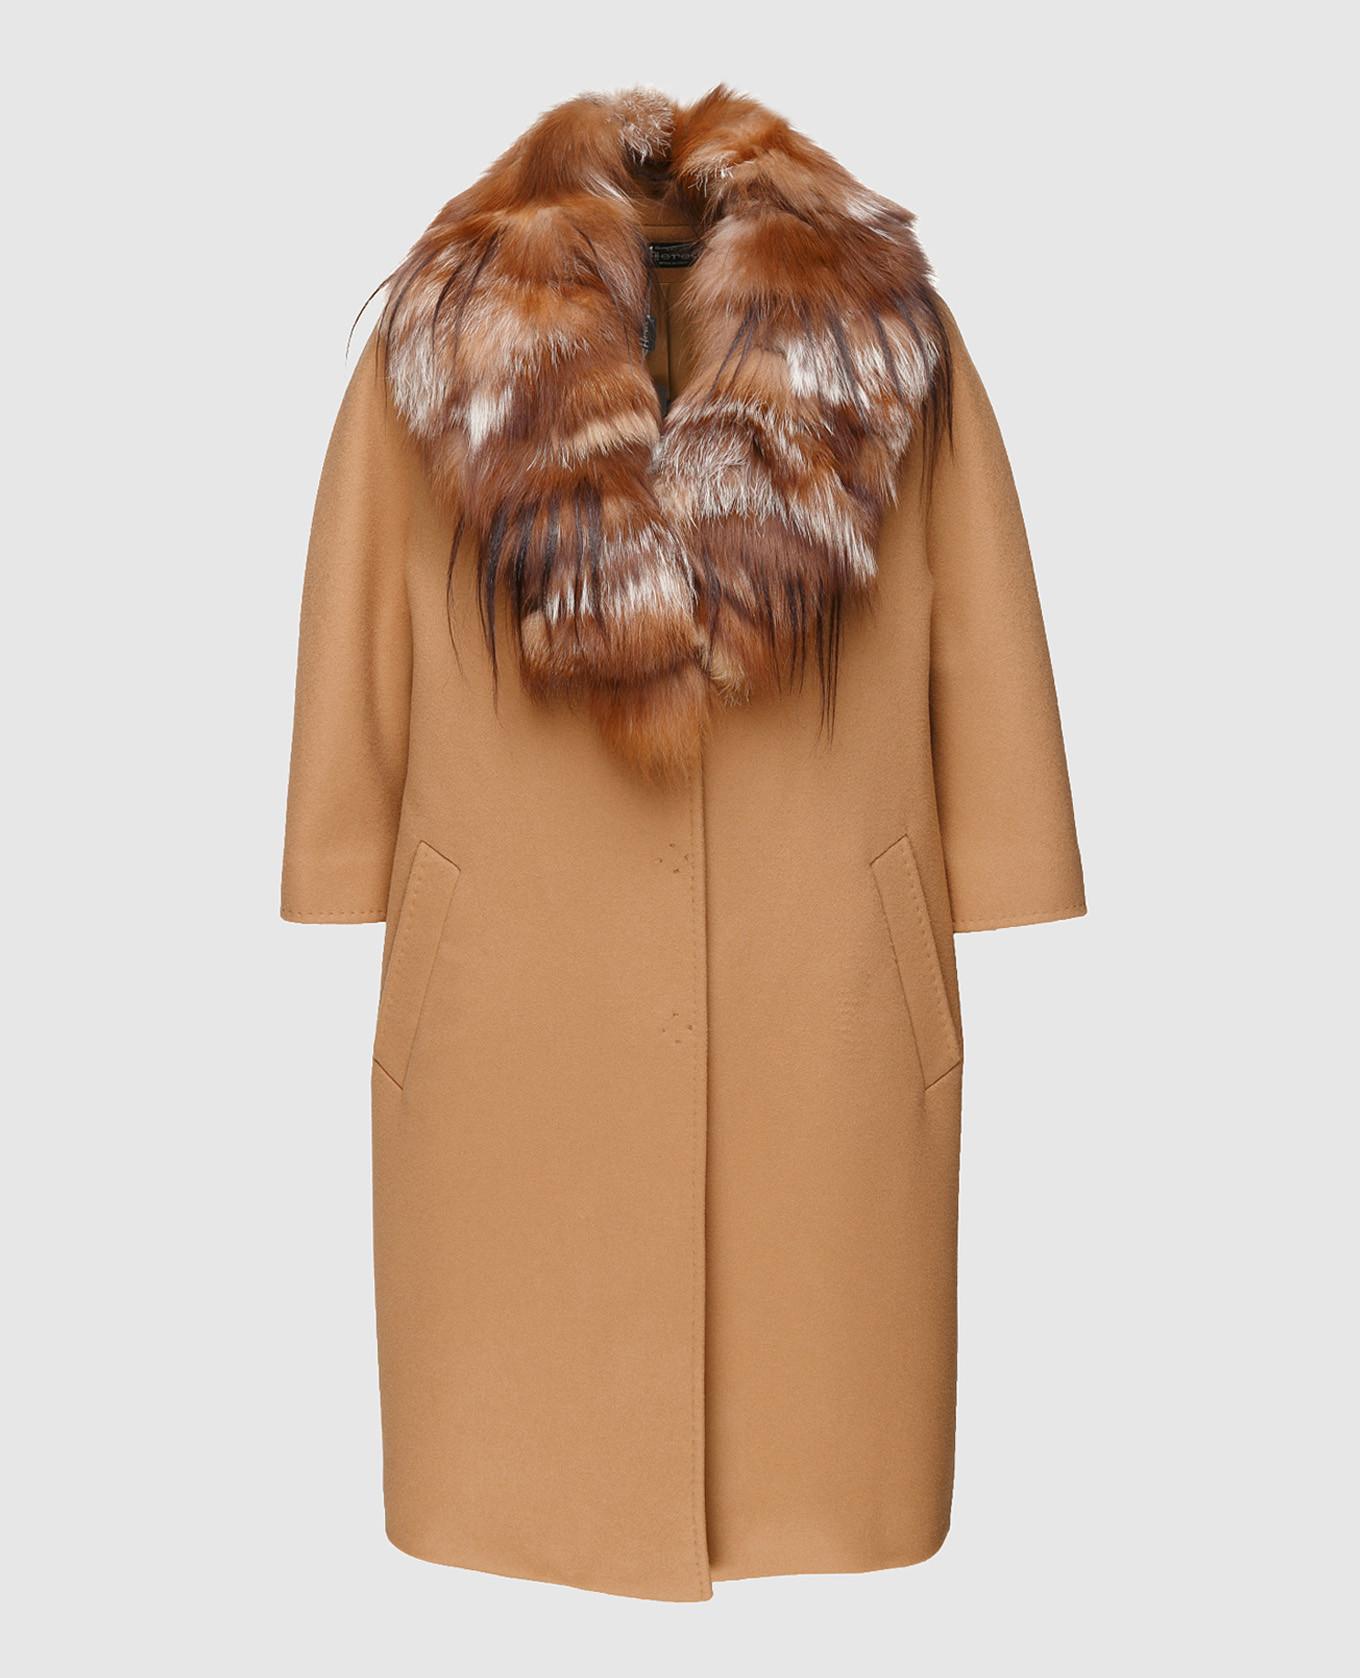 Пальто из шерсти со съемным воротником из меха лисы с карманами